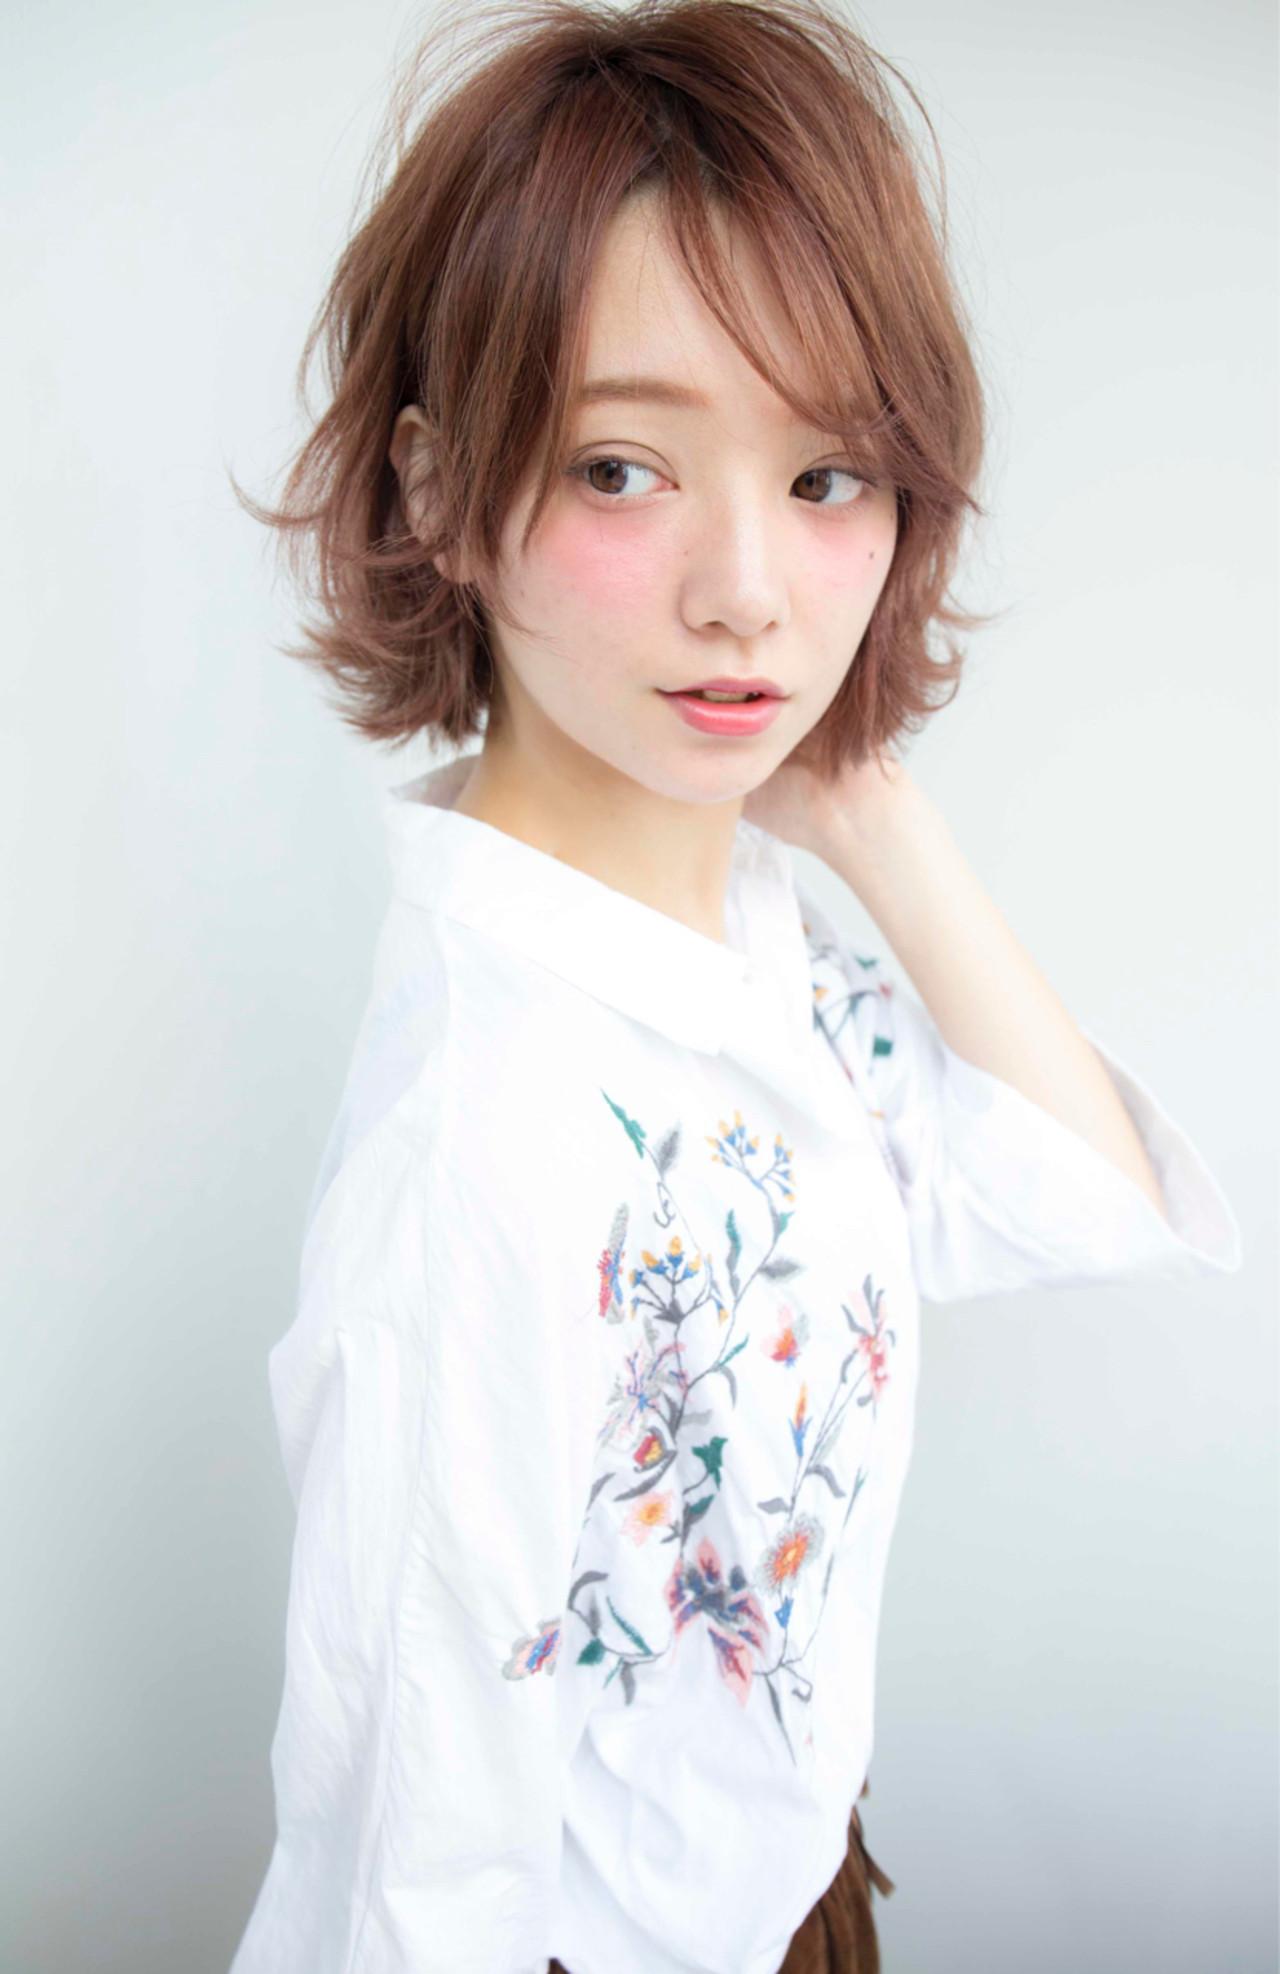 大人女子 ナチュラル 小顔 ボブ ヘアスタイルや髪型の写真・画像 | 堀伸裕 / Gem Garden